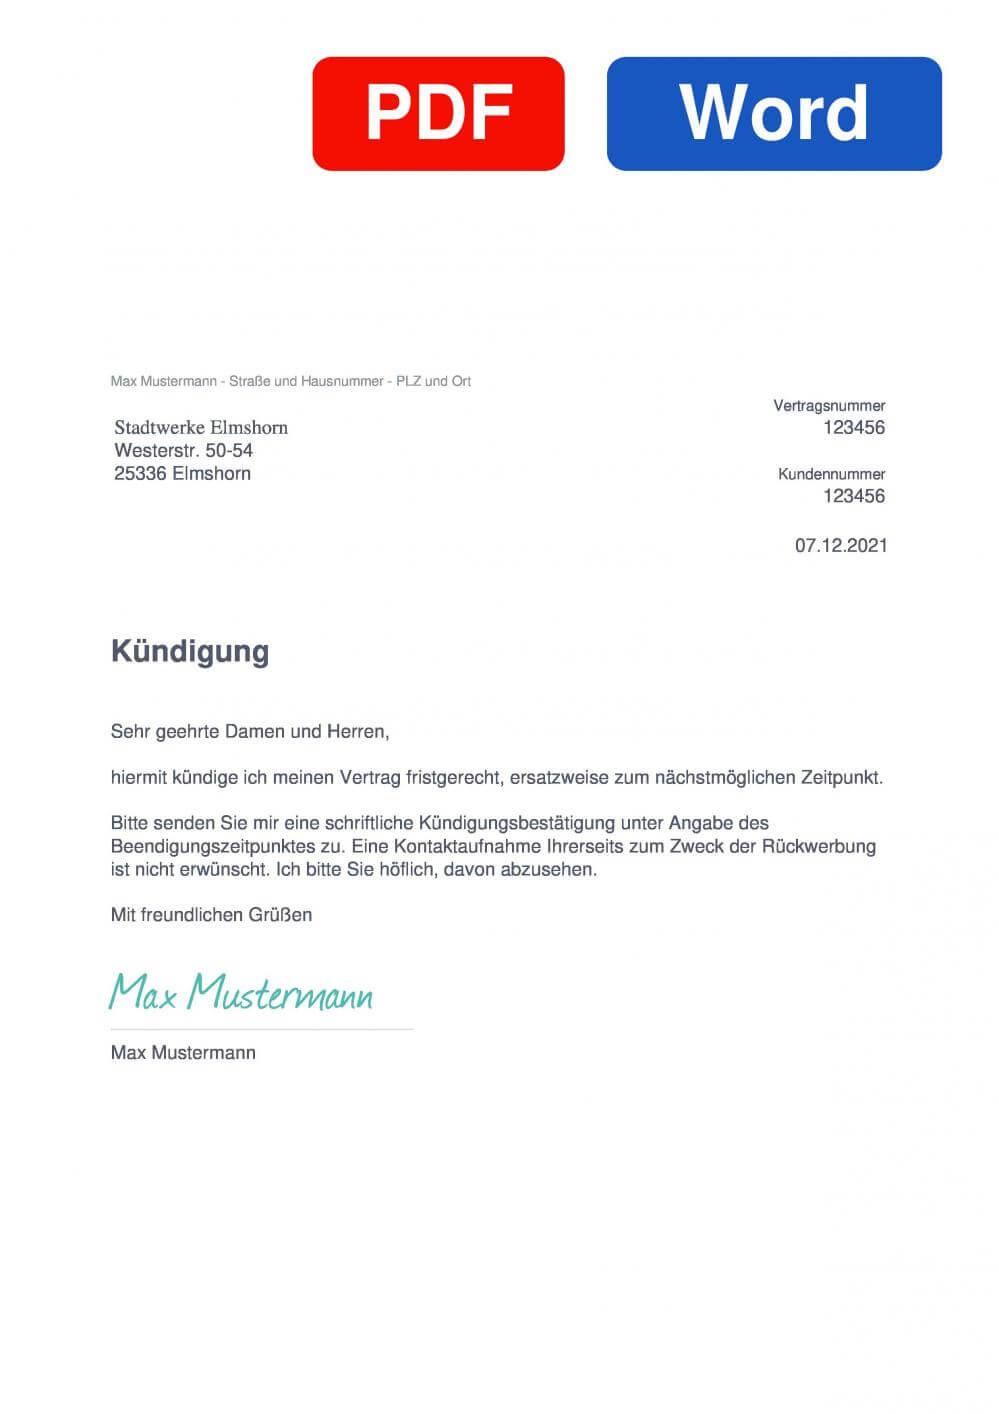 Stadtwerke Elmshorn Muster Vorlage für Kündigungsschreiben